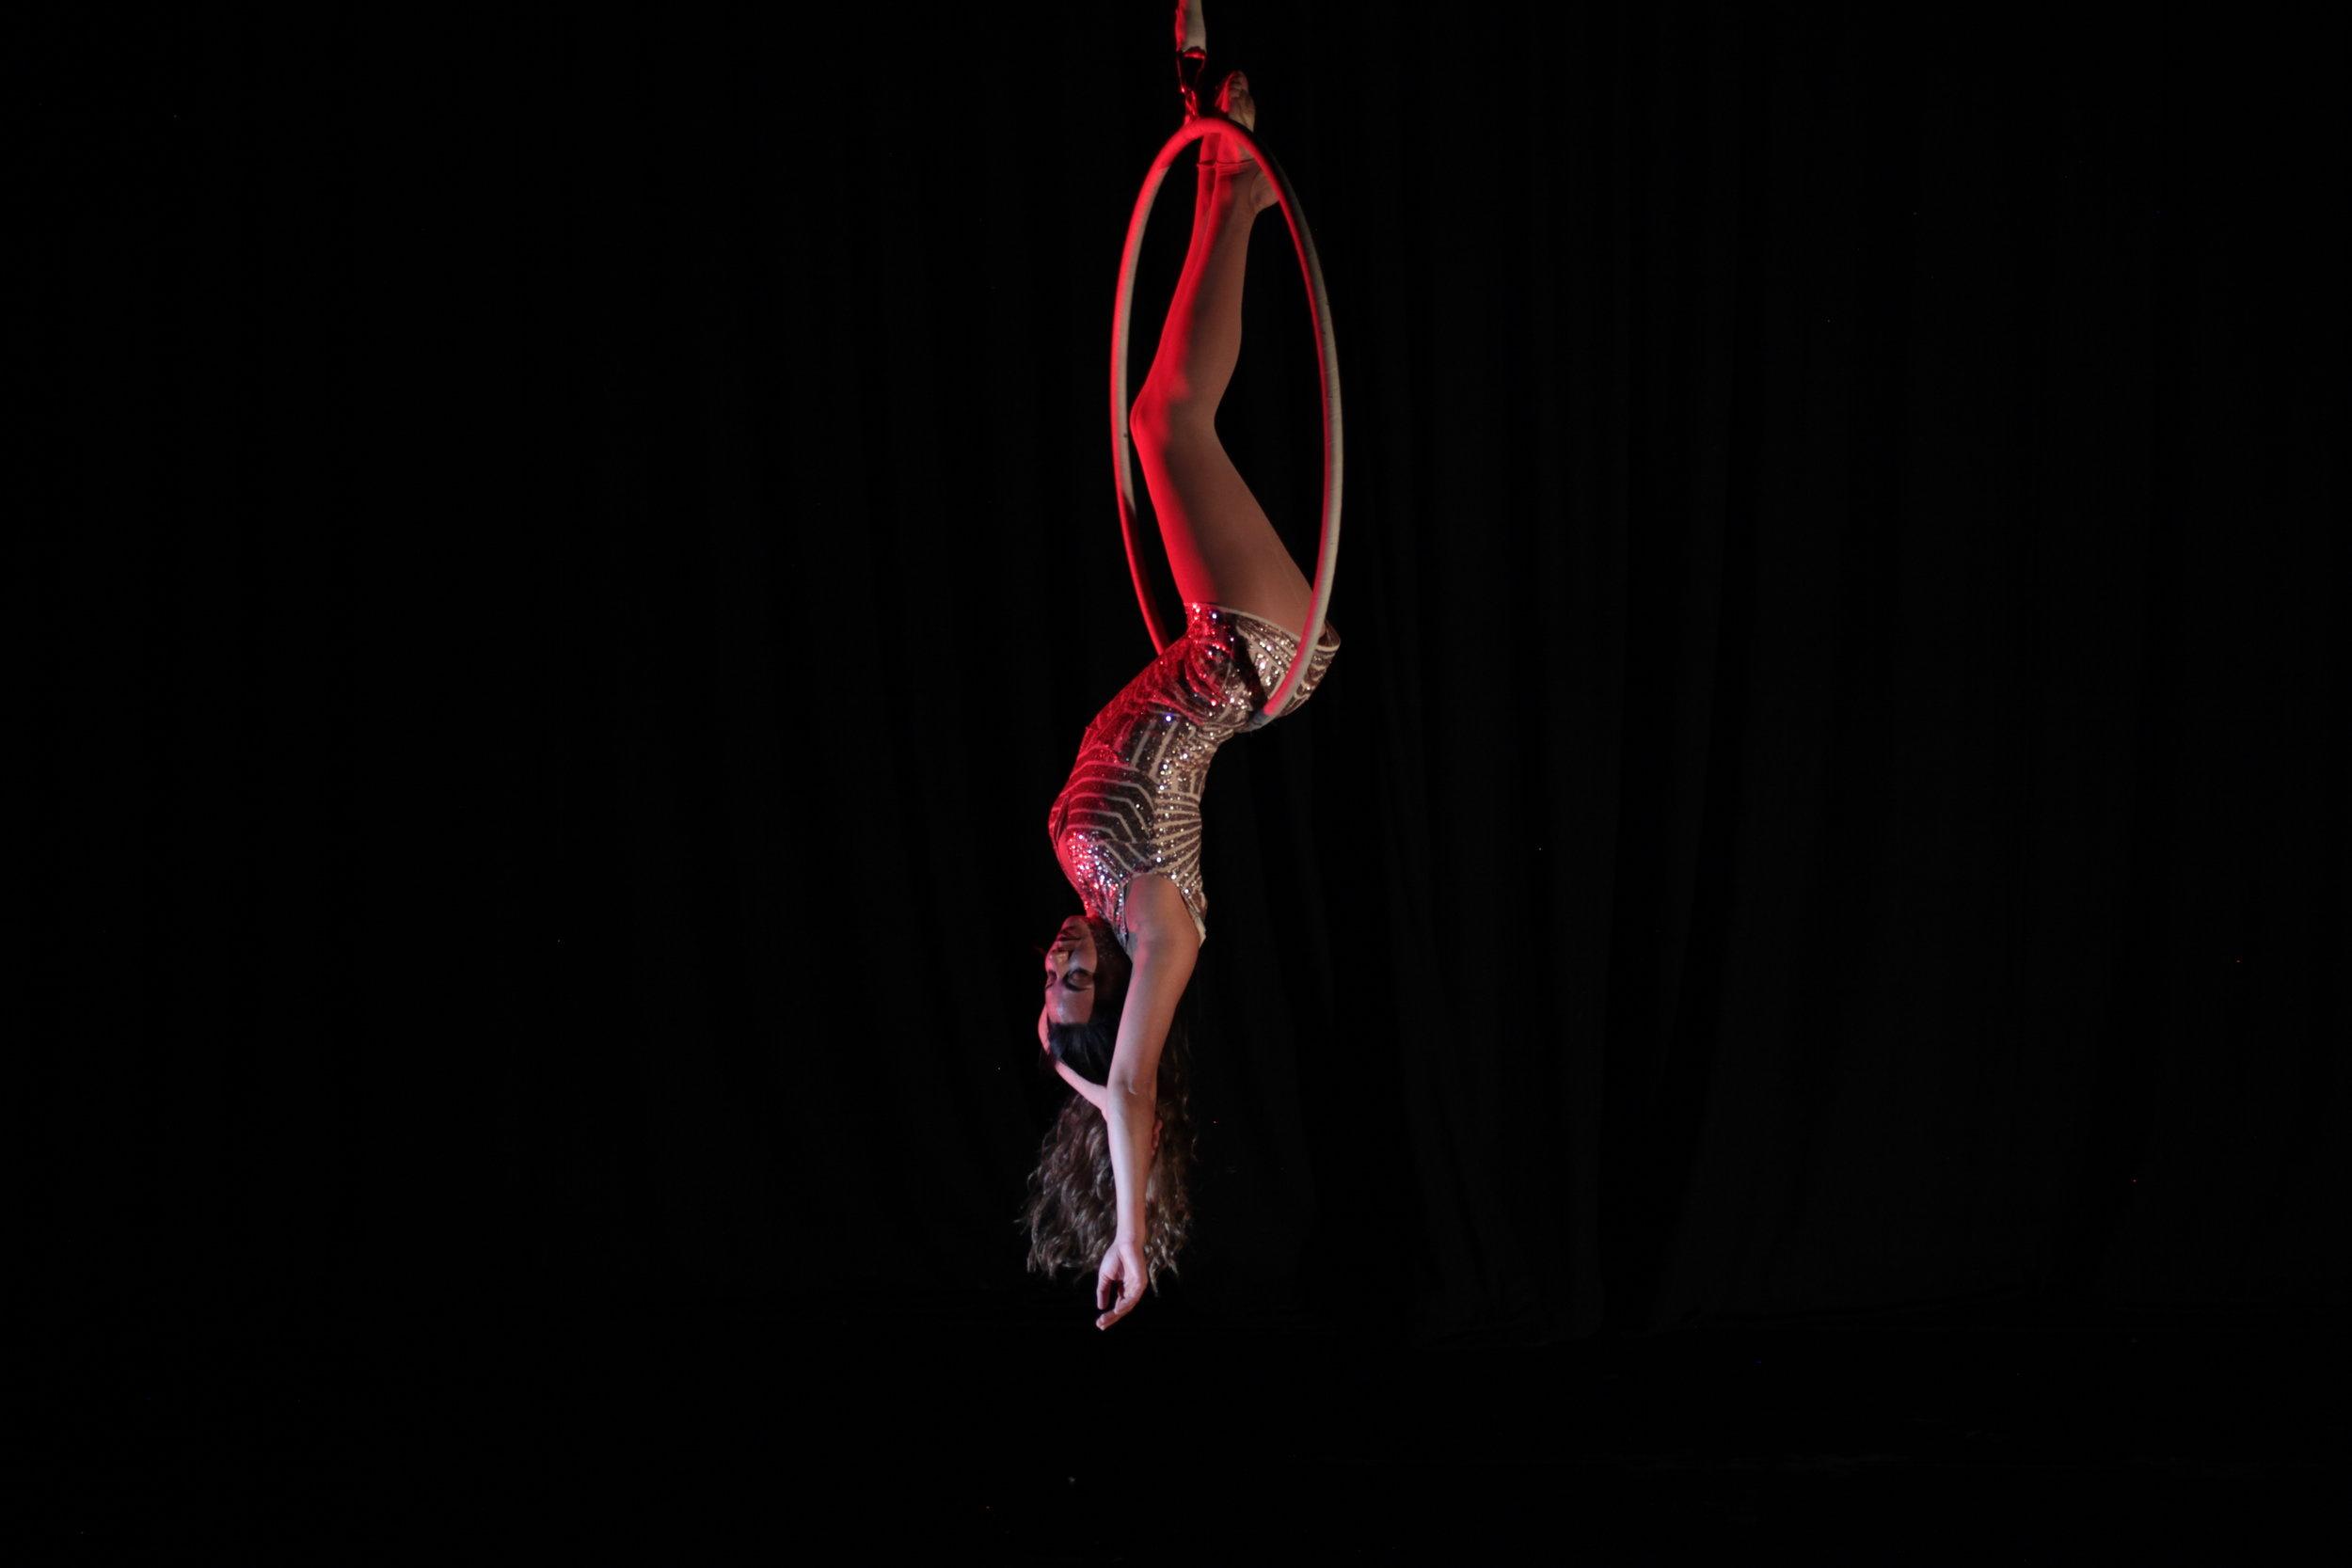 Leyla aerial hoop 3.JPG